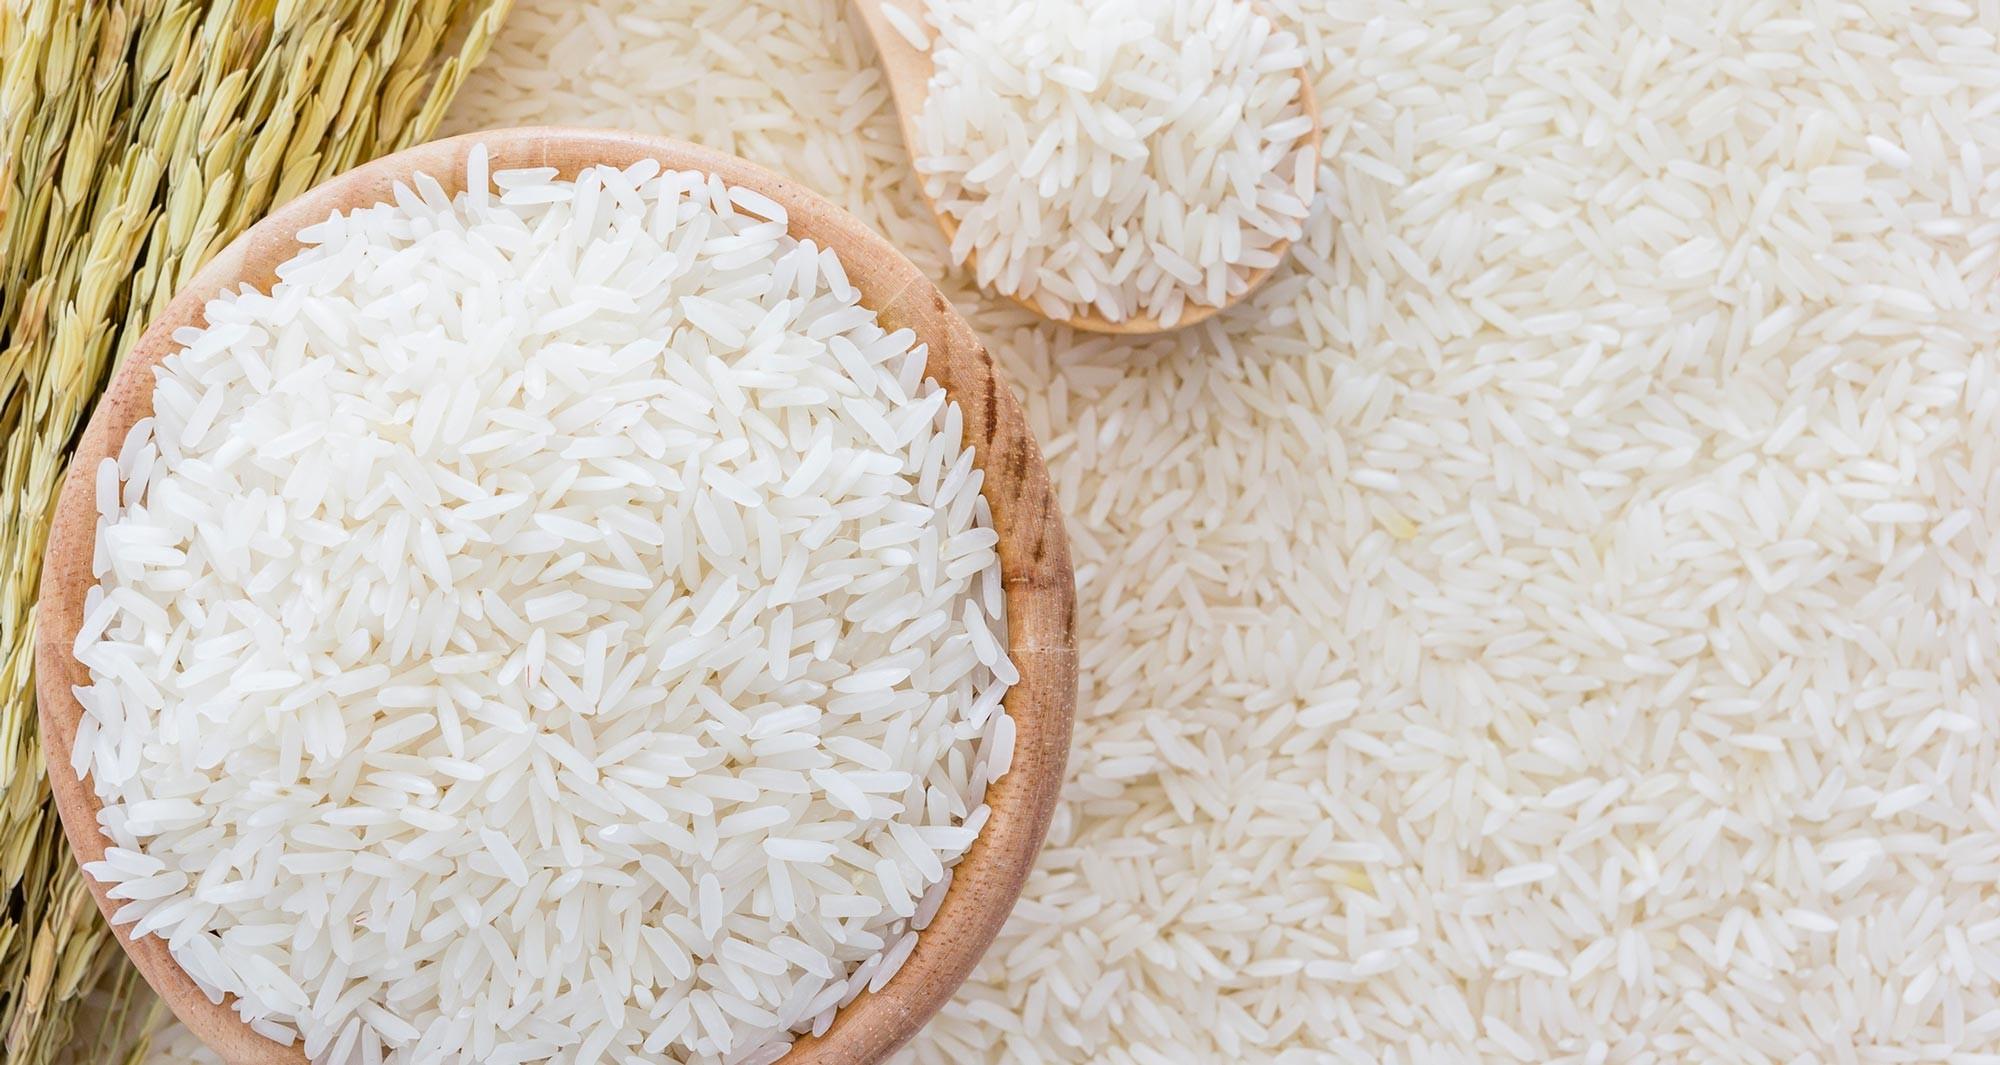 do not eat rice - Dr Sebi